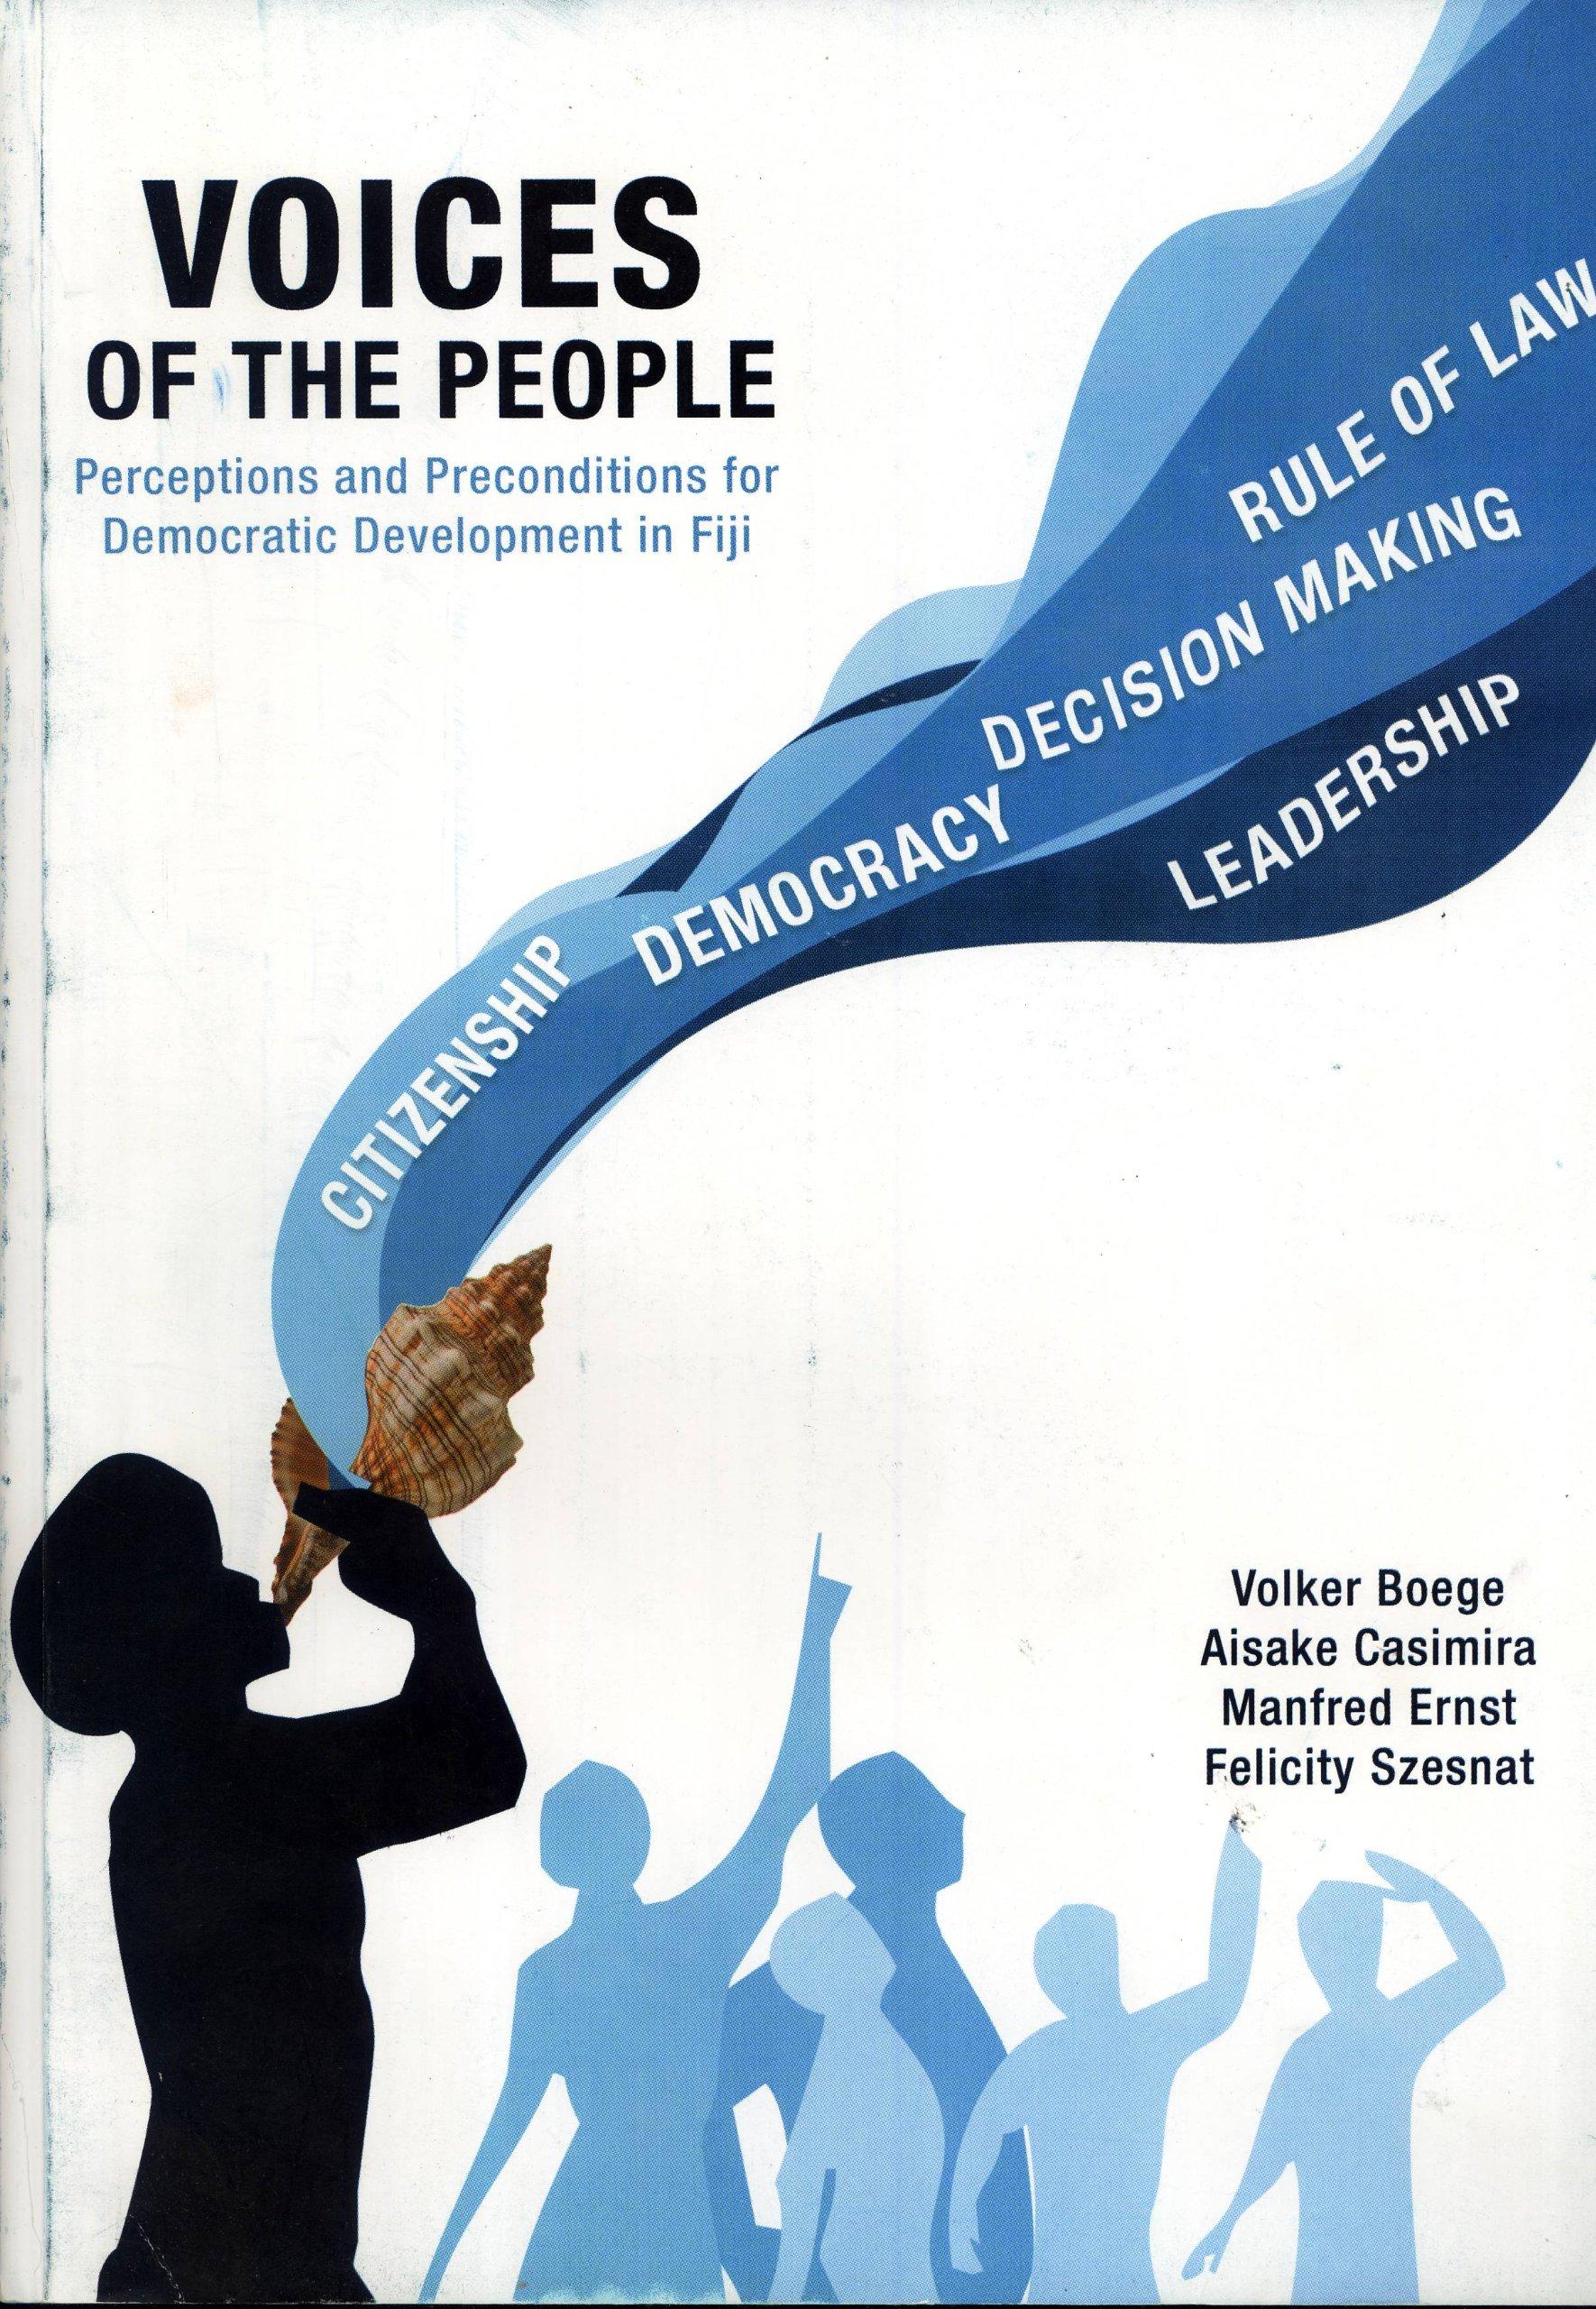 """perceptions and preconditions for democratic development in Fiji"""""""